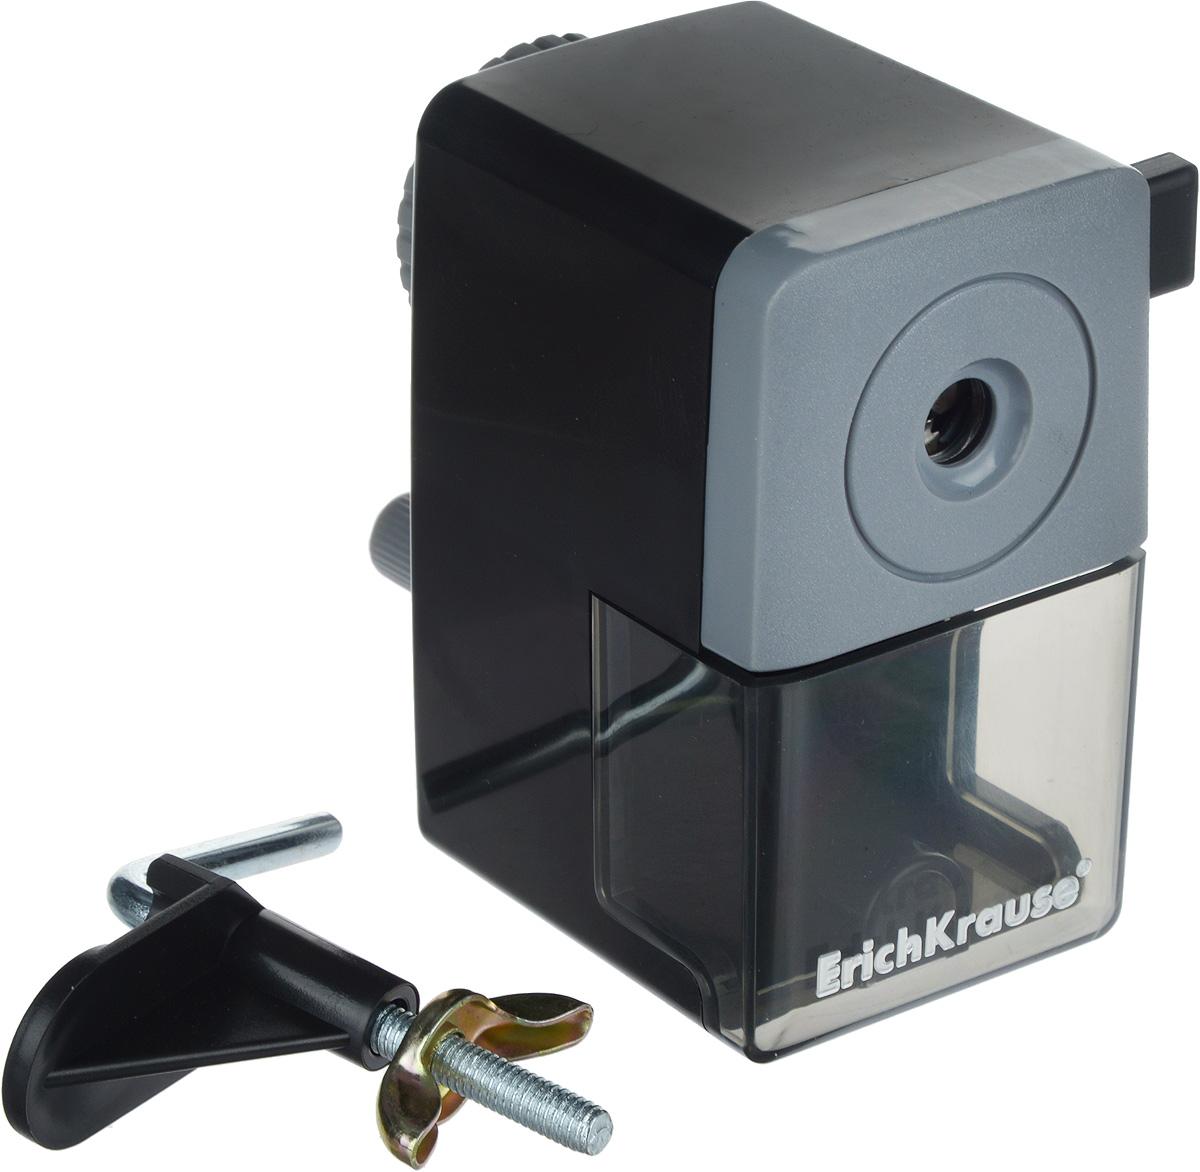 Erich Krause Точилка механическая цвет черный серый erich krause 12цв треугольные джамбо с точилкой и кисточкой 32477ab